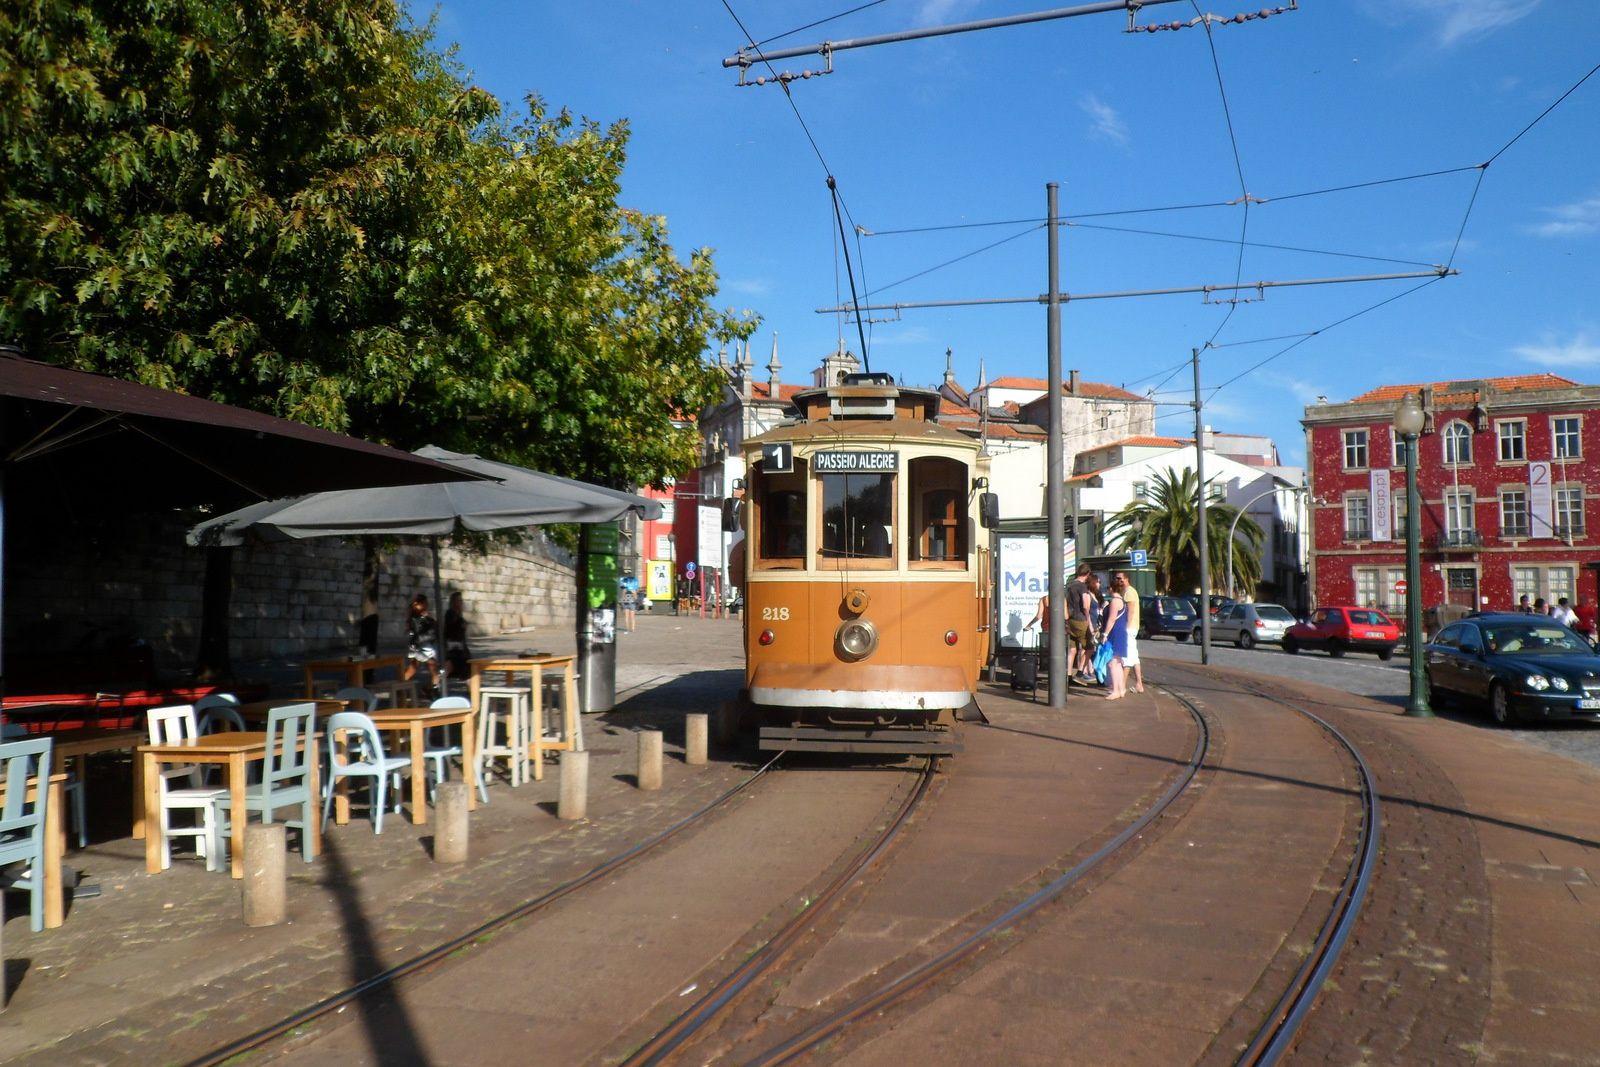 alors qu'un autre tramway, bien plus ancie, permet de sortir de porto